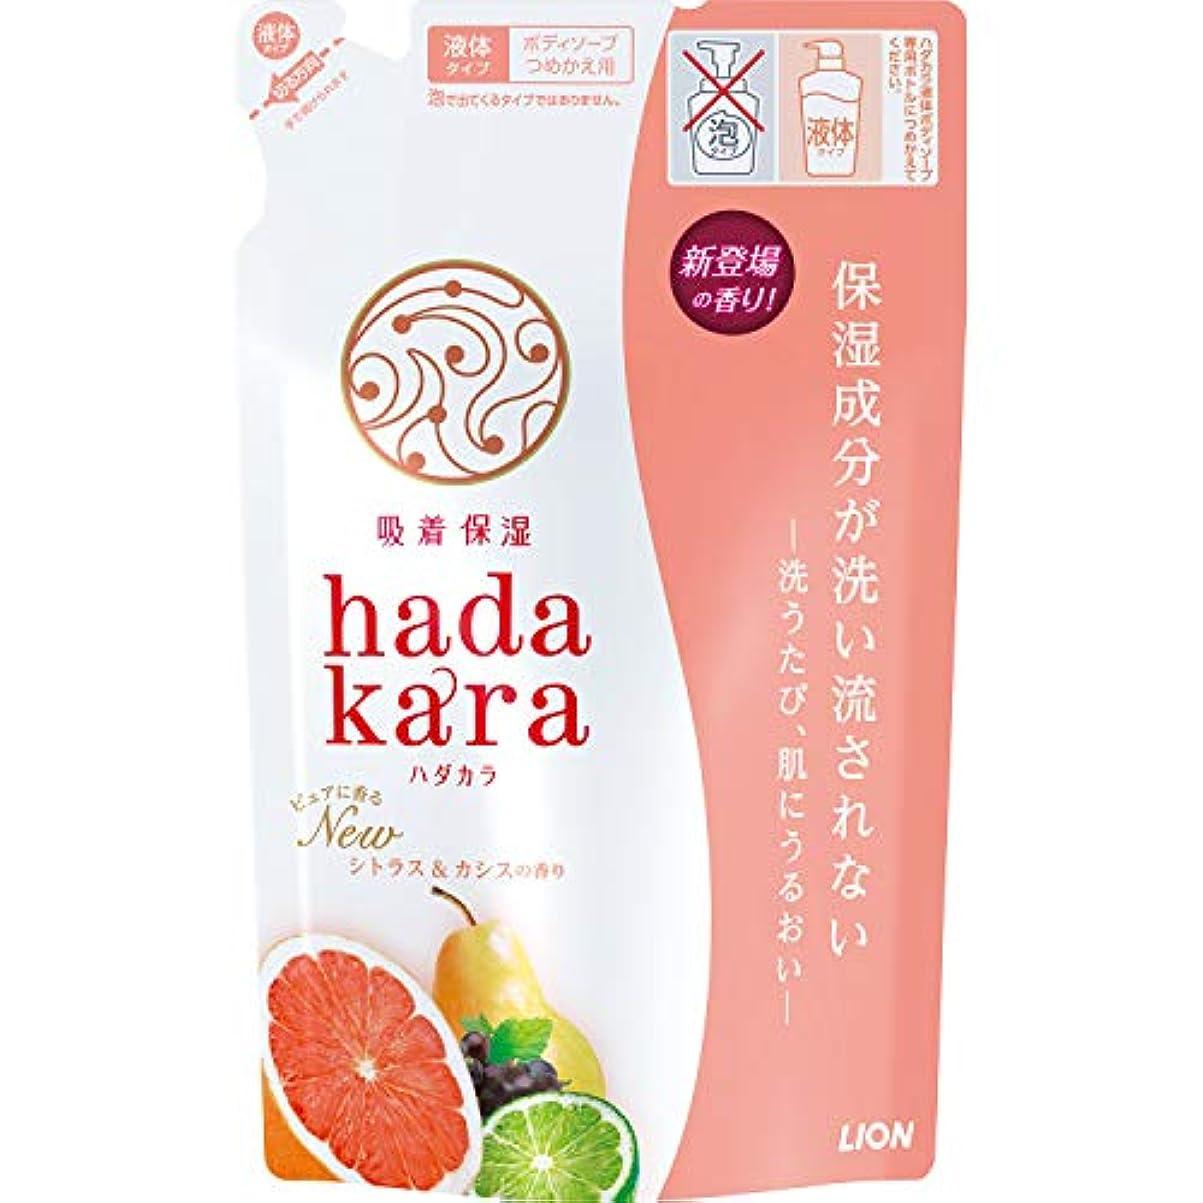 参照吐き出す手錠hadakara(ハダカラ) ボディソープ シトラス&カシスの香り つめかえ 360ml 詰替え用